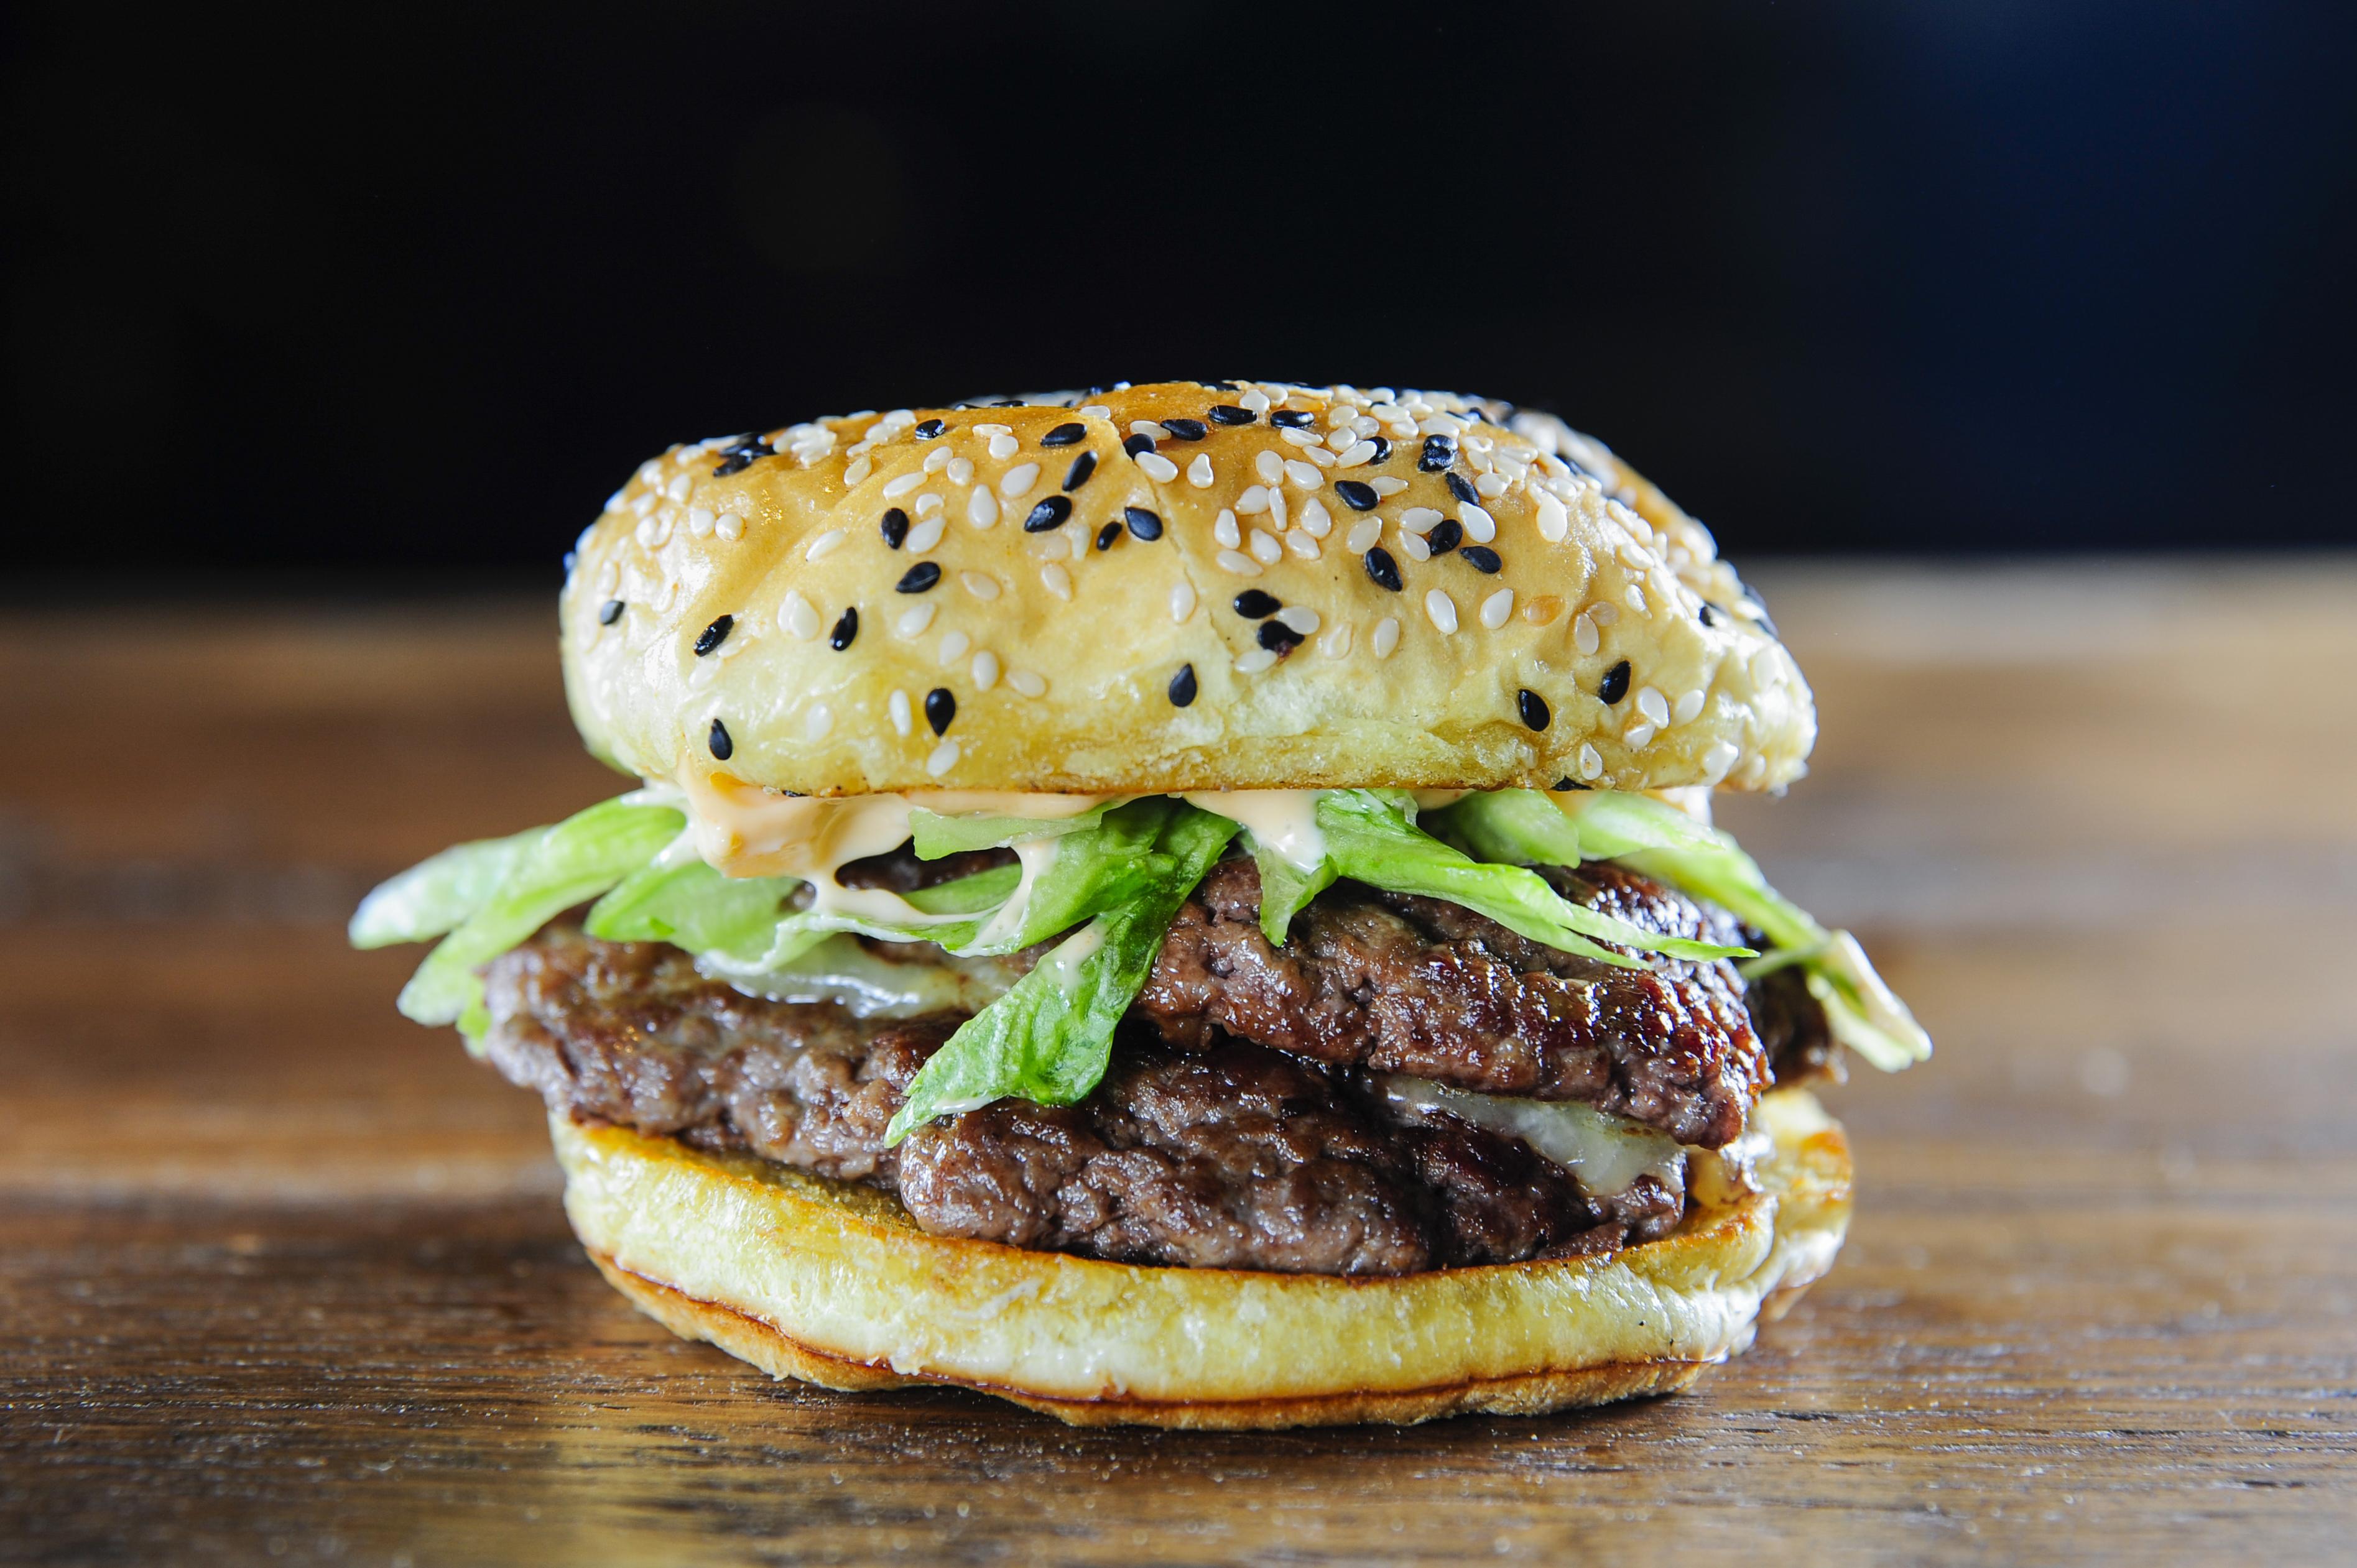 Le Big Mac at Best Burger Bar